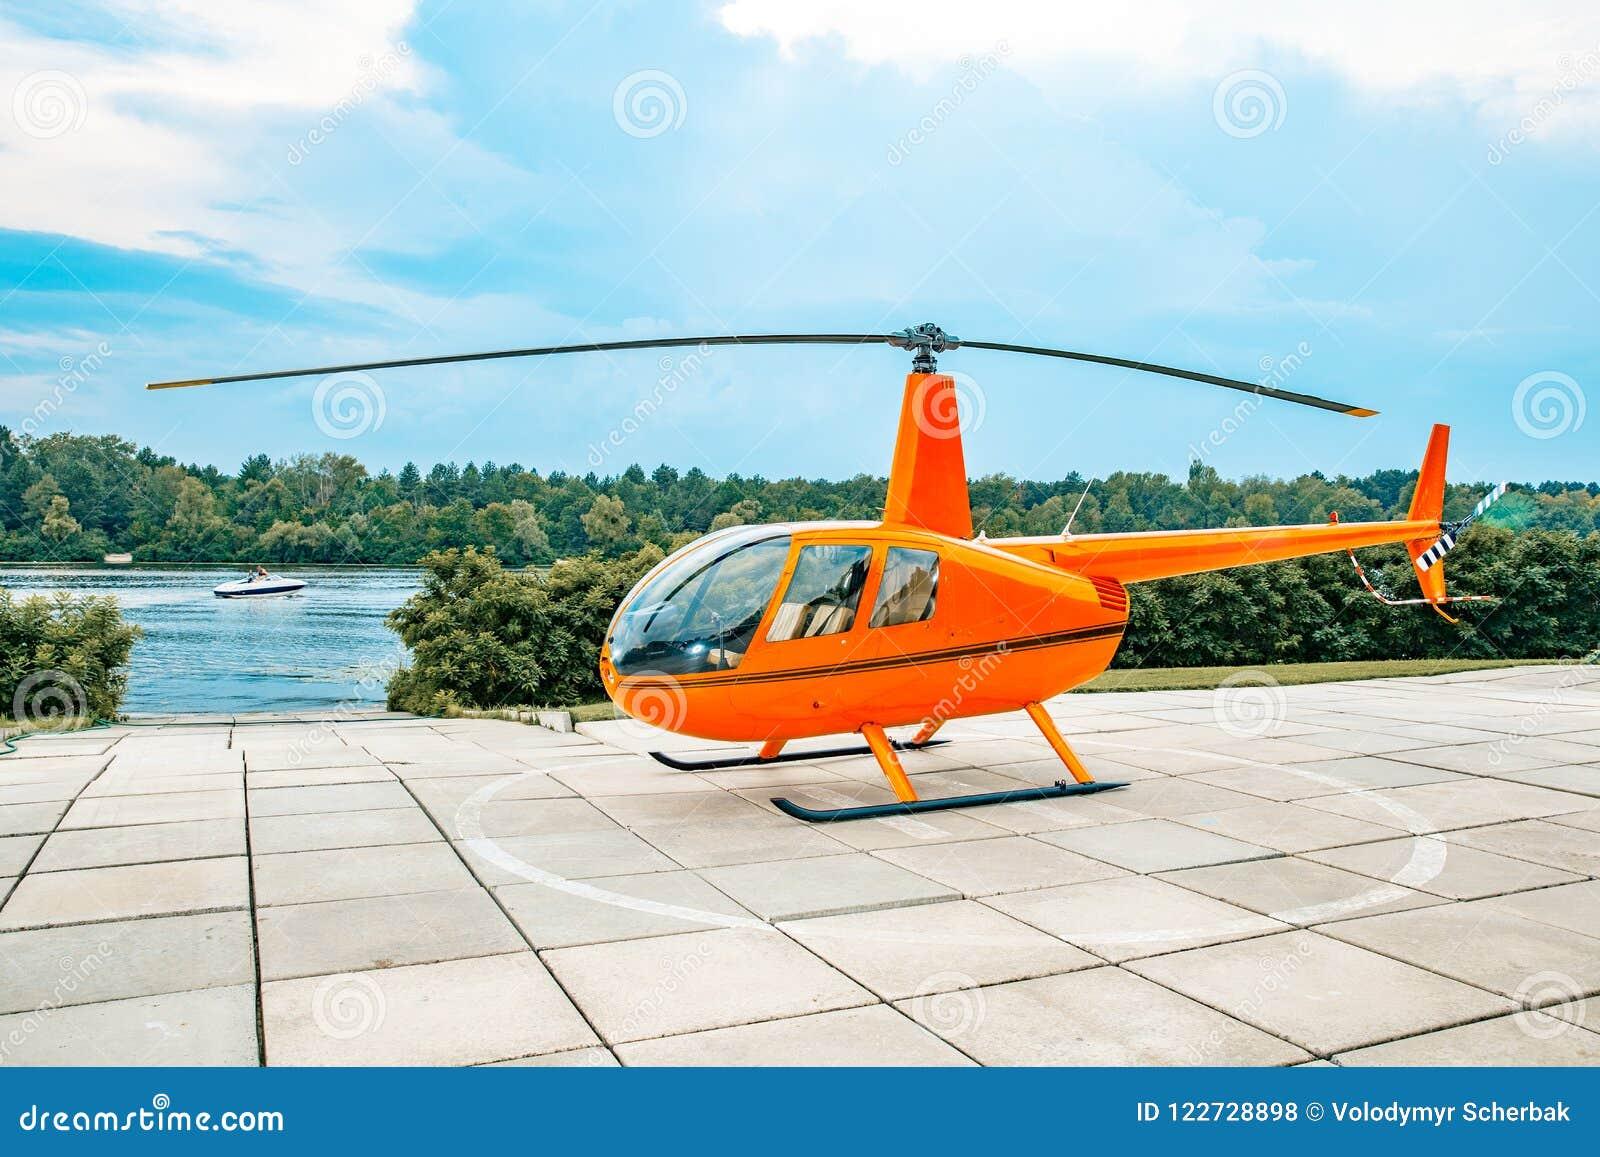 Apelsinen färgade helikoptern som parkerades på en konkret tjock skiva under blåa himlar